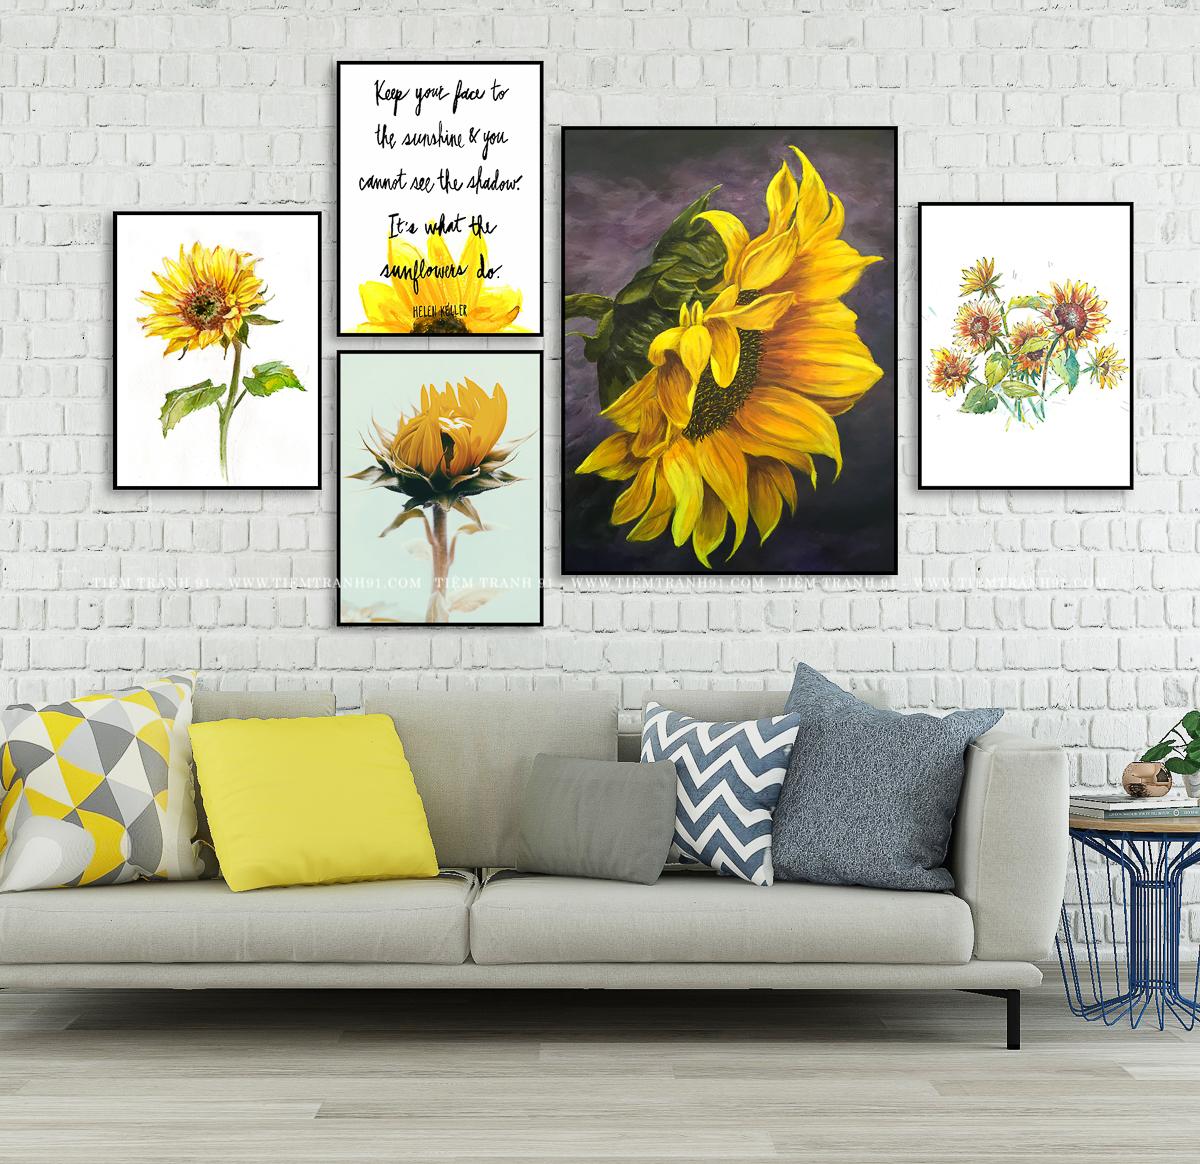 Tranh hoa hướng dương đẹp cho phòng ngủ